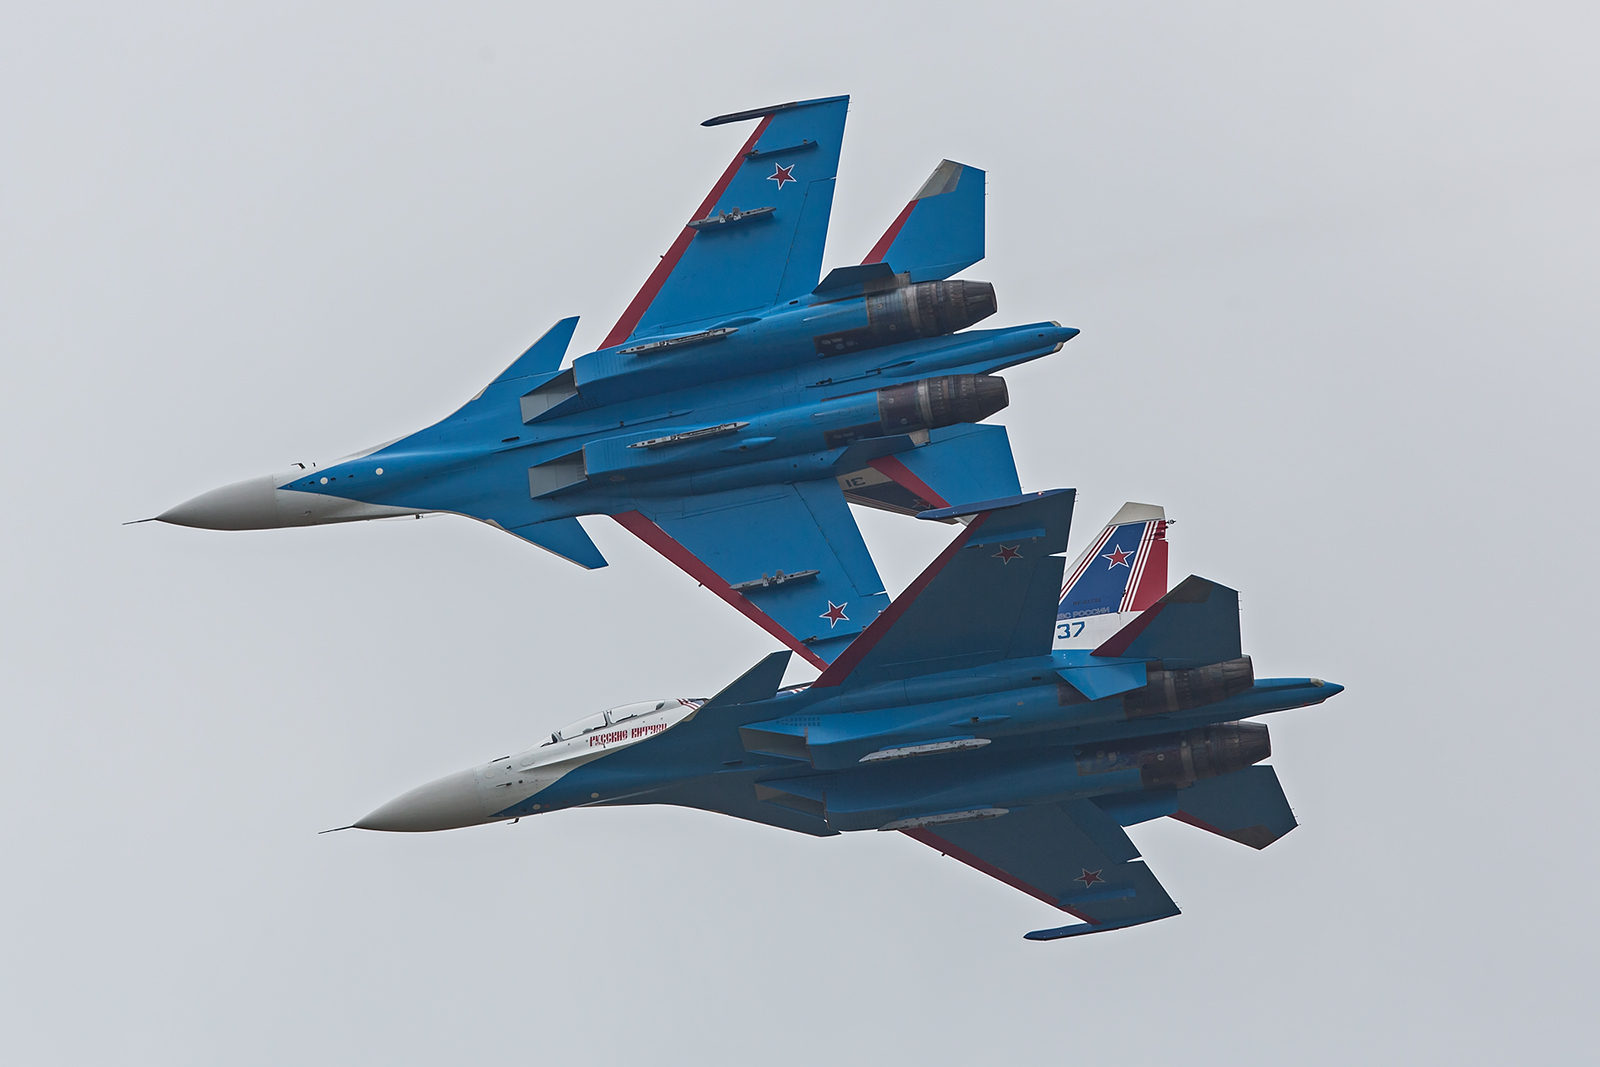 Beide Teams fliegen ein eher langsames Programm, was die Eleganz der Maschinen unterstreicht.